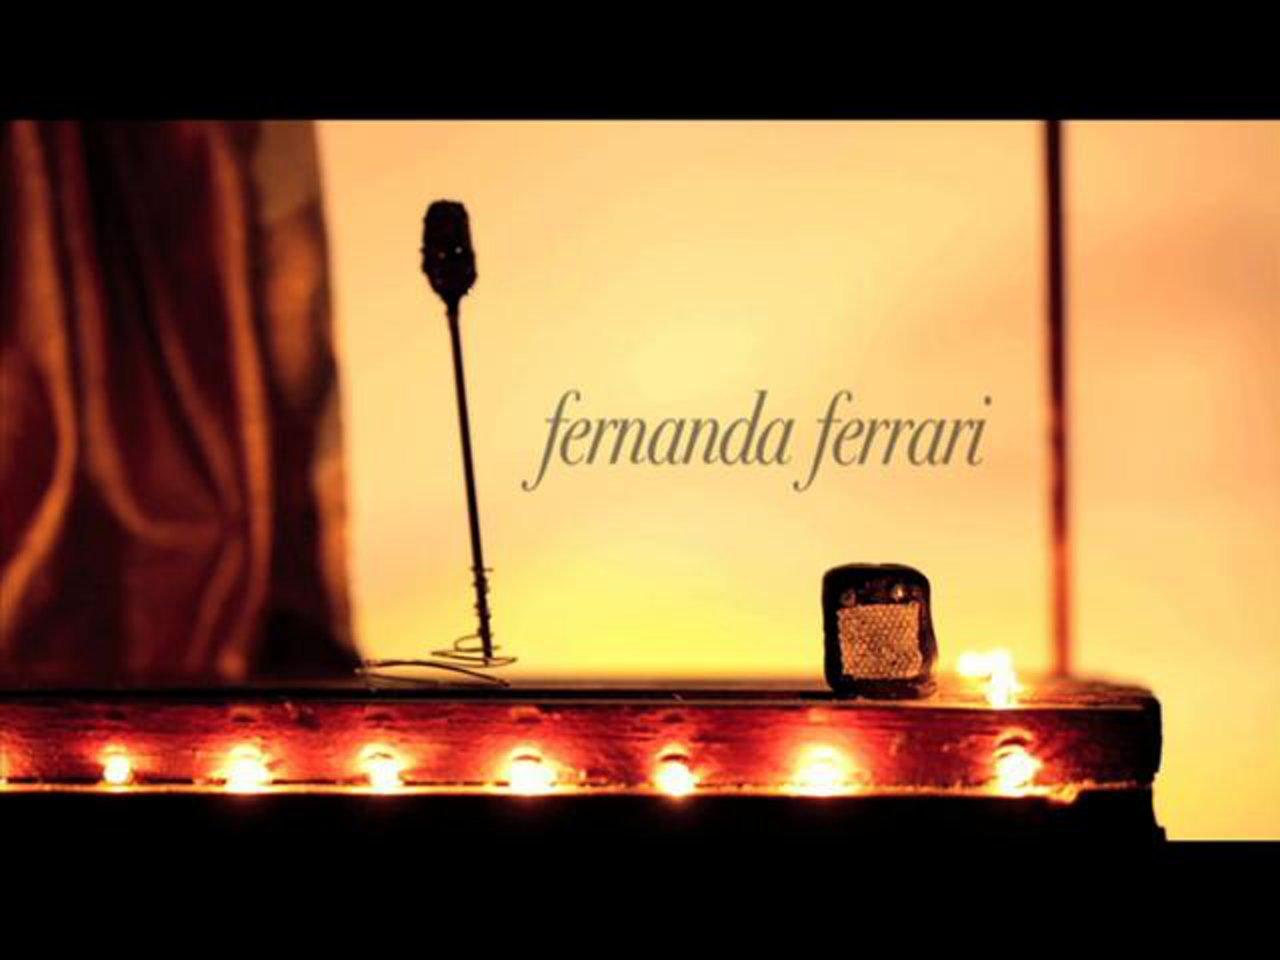 Reel - Fernanda Ferrari